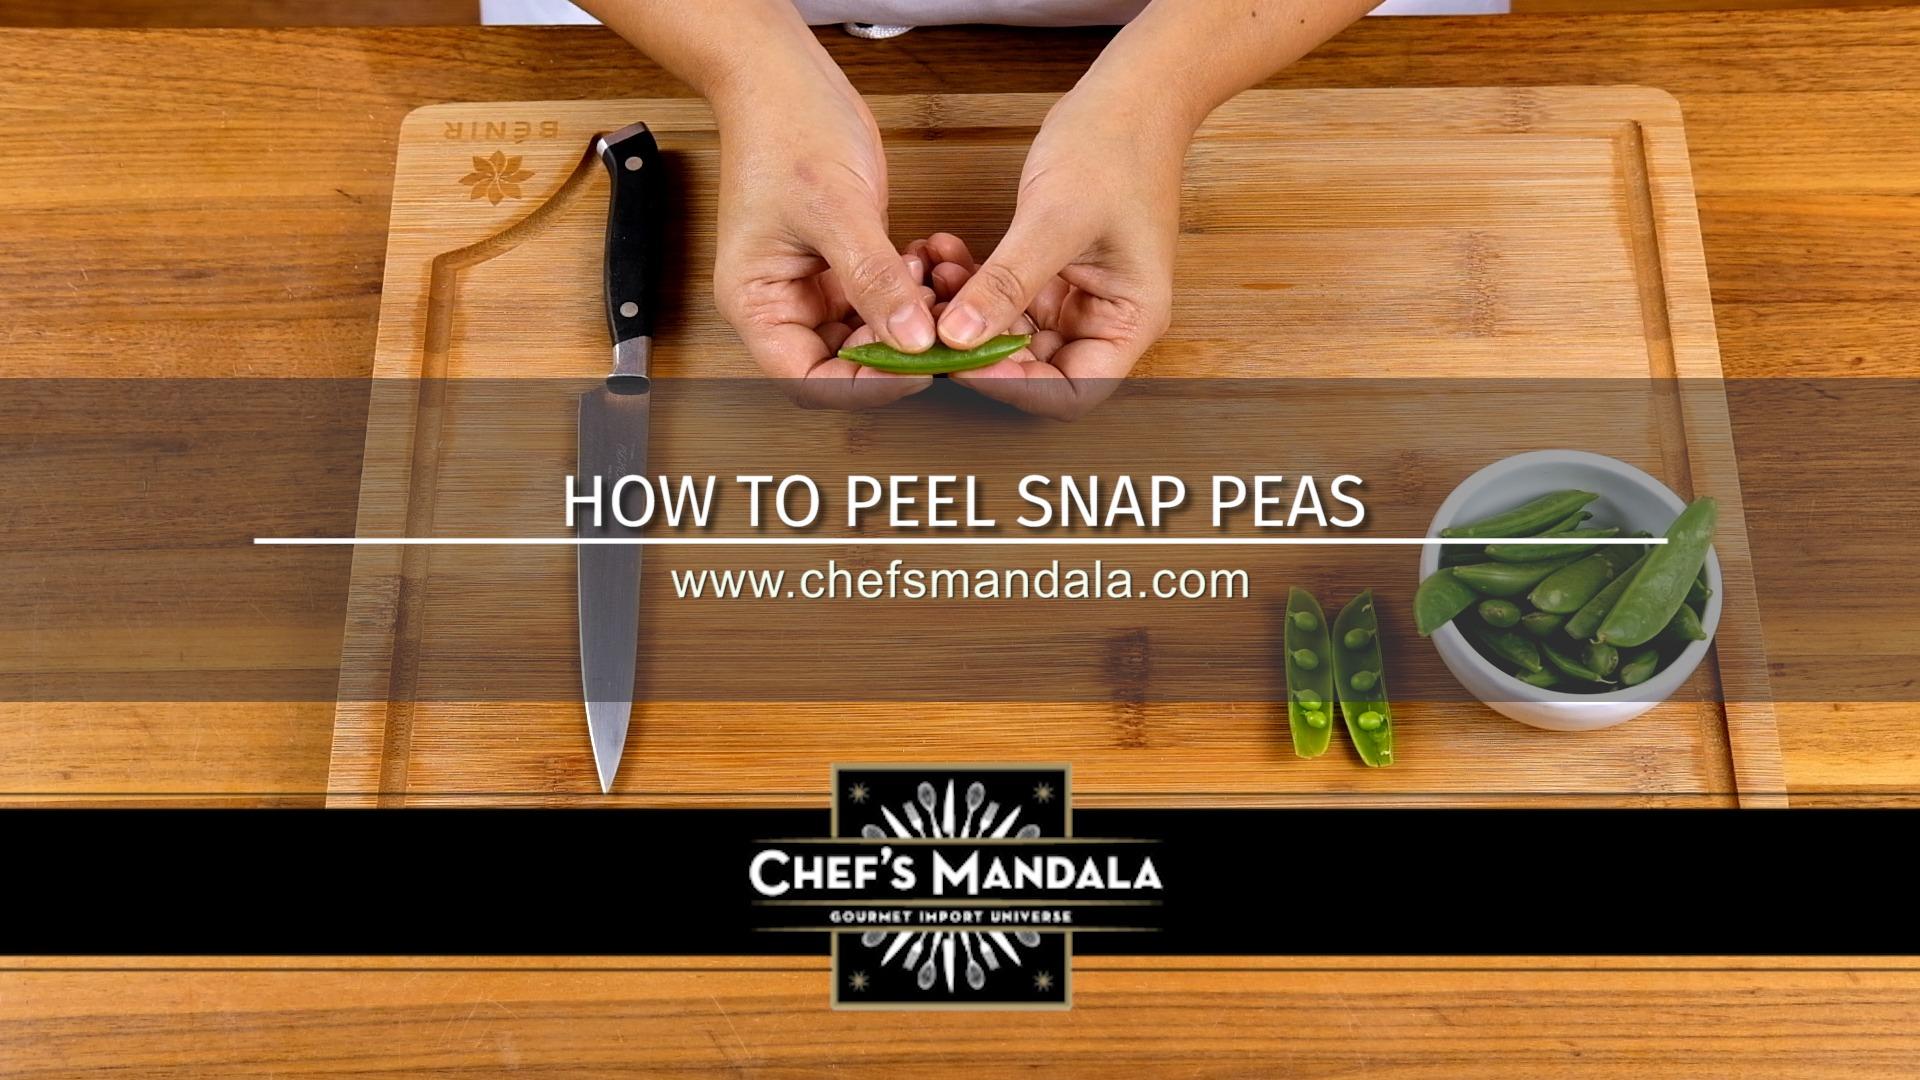 HOW TO PEEL SNAP PEAS